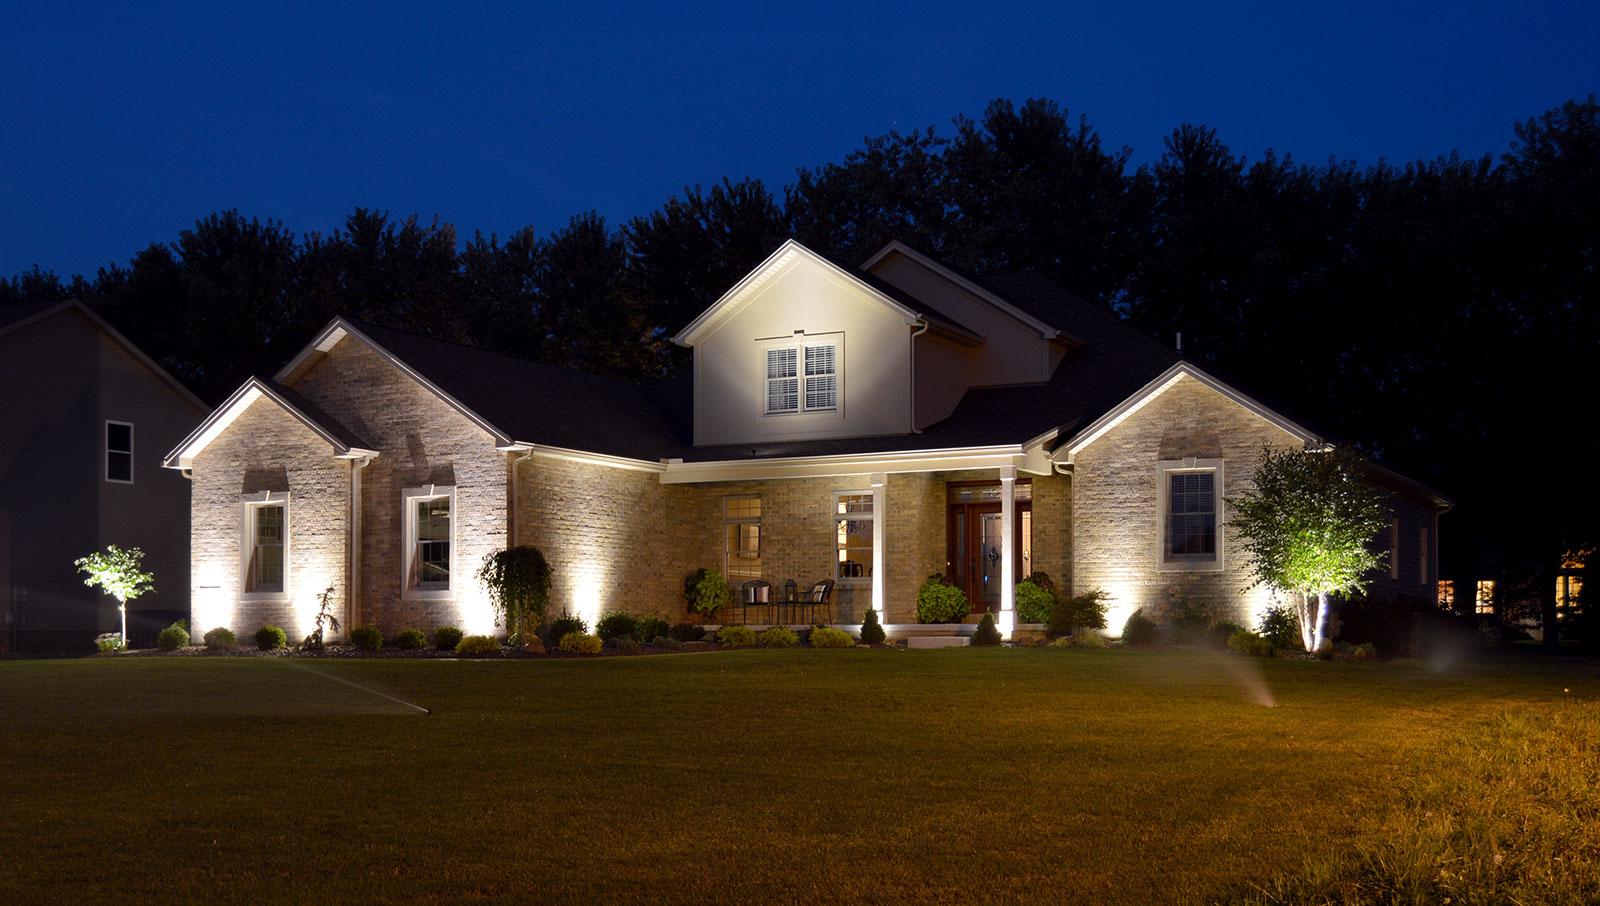 edison landscape lighting residential